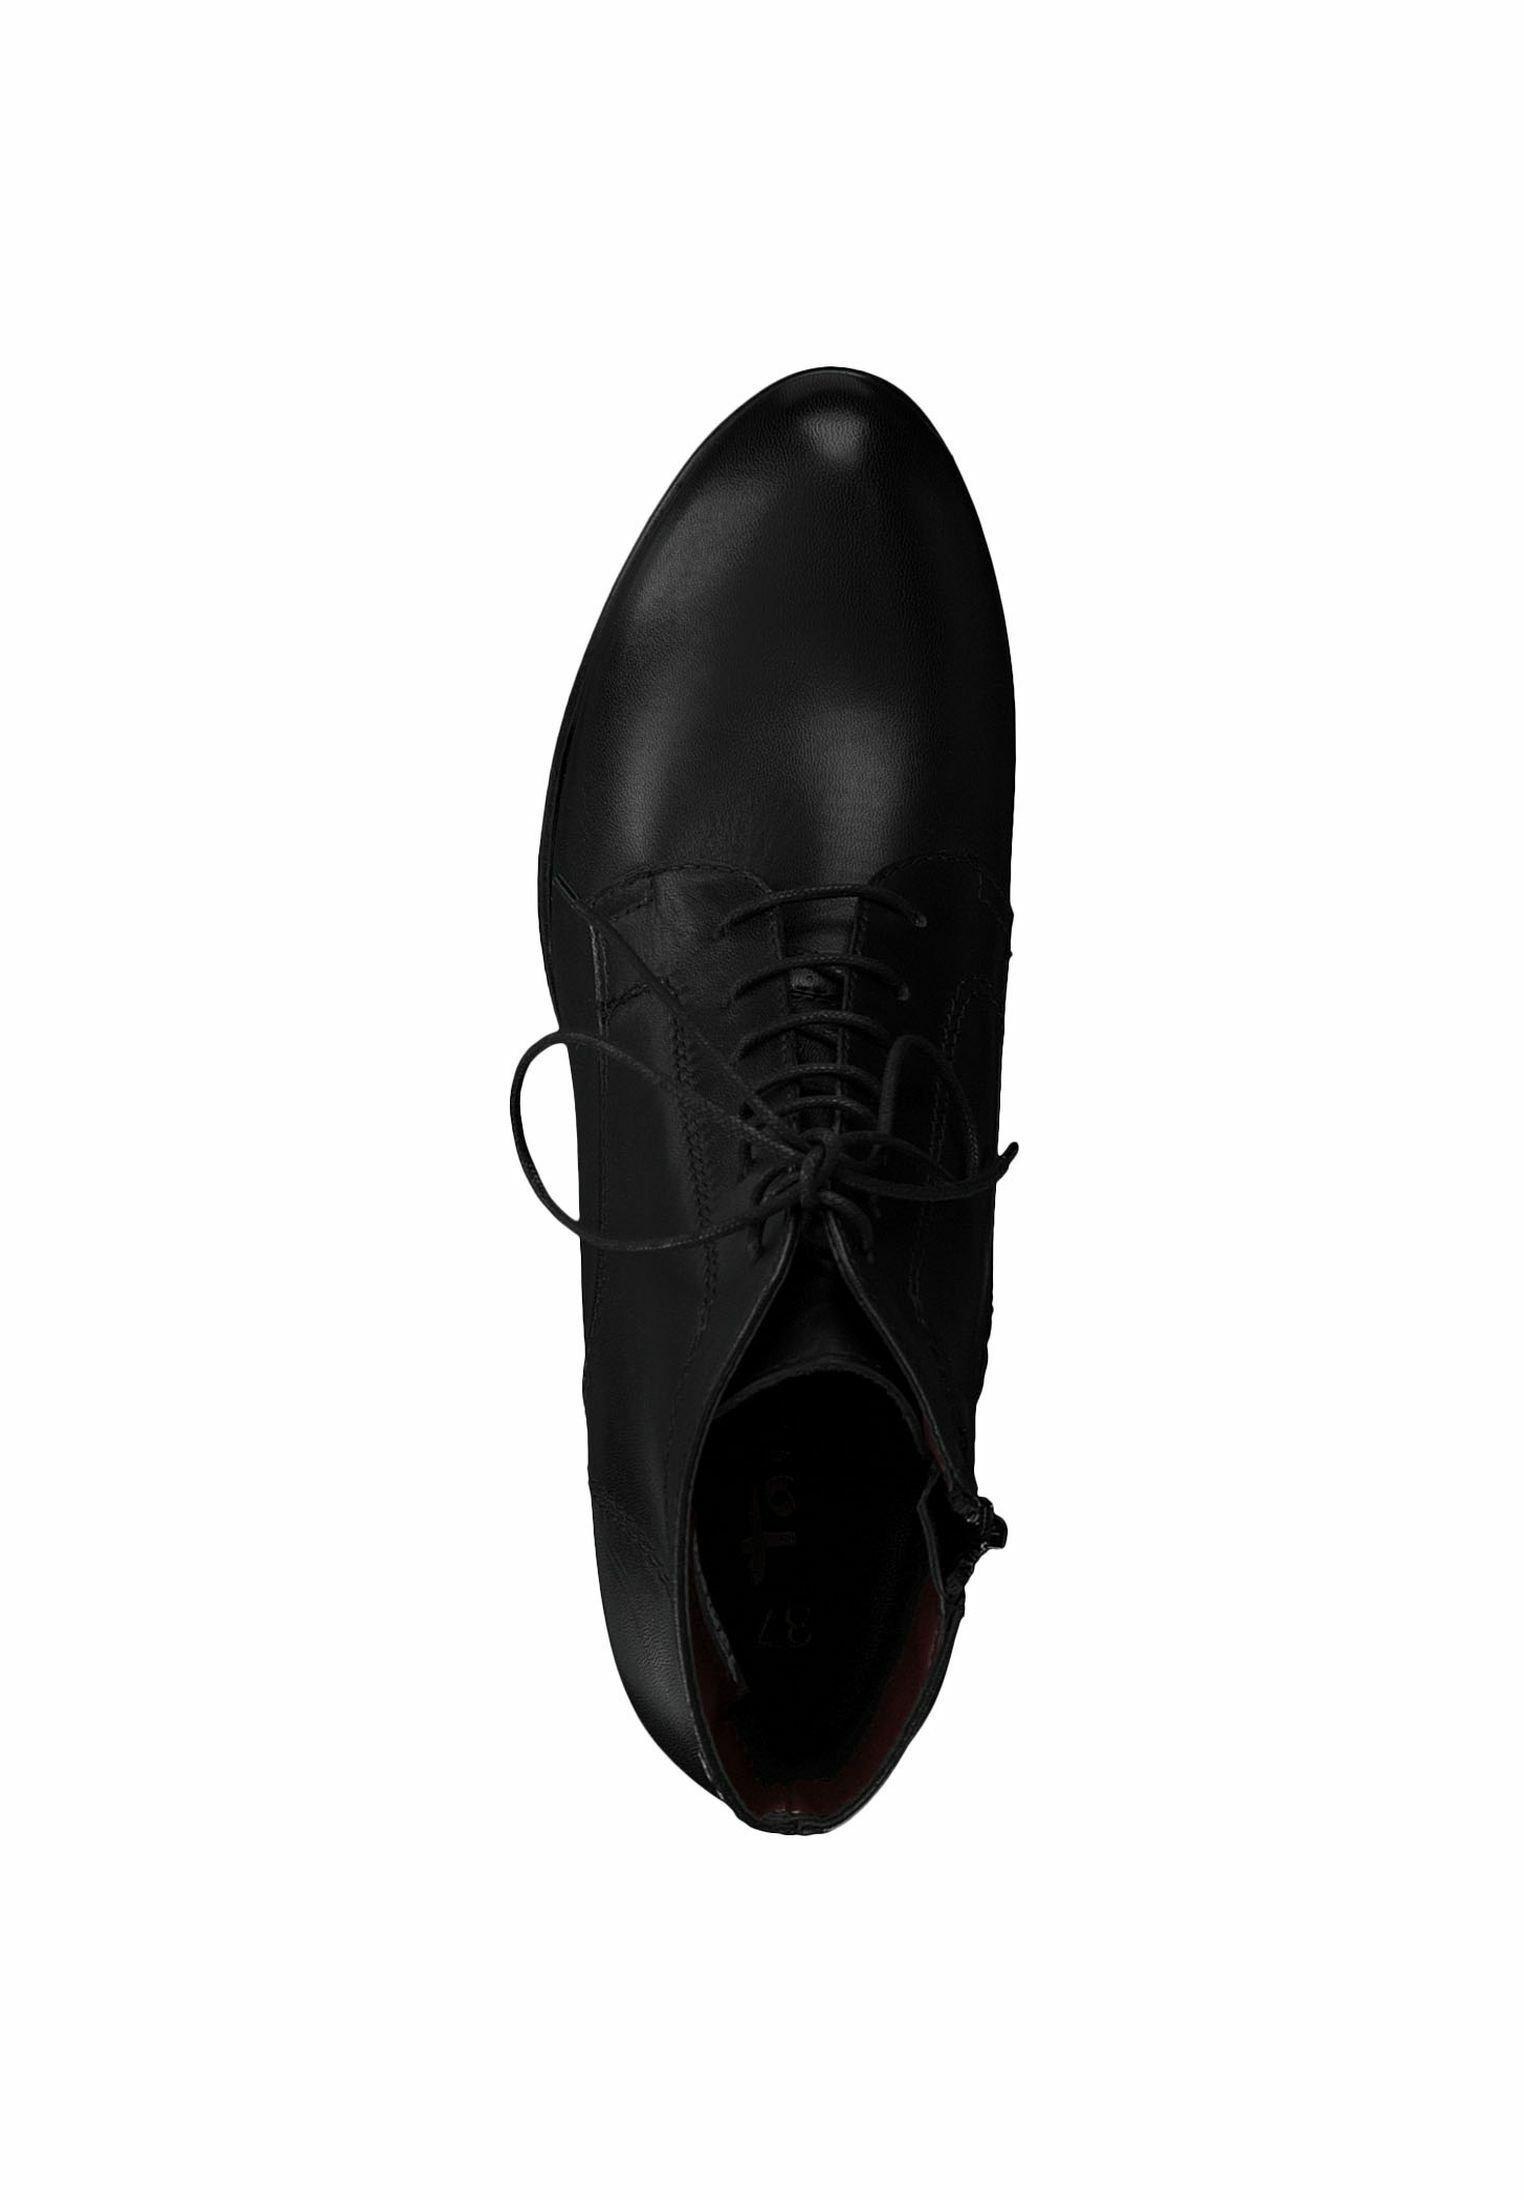 Tamaris High Heel Stiefelette - Black/schwarz